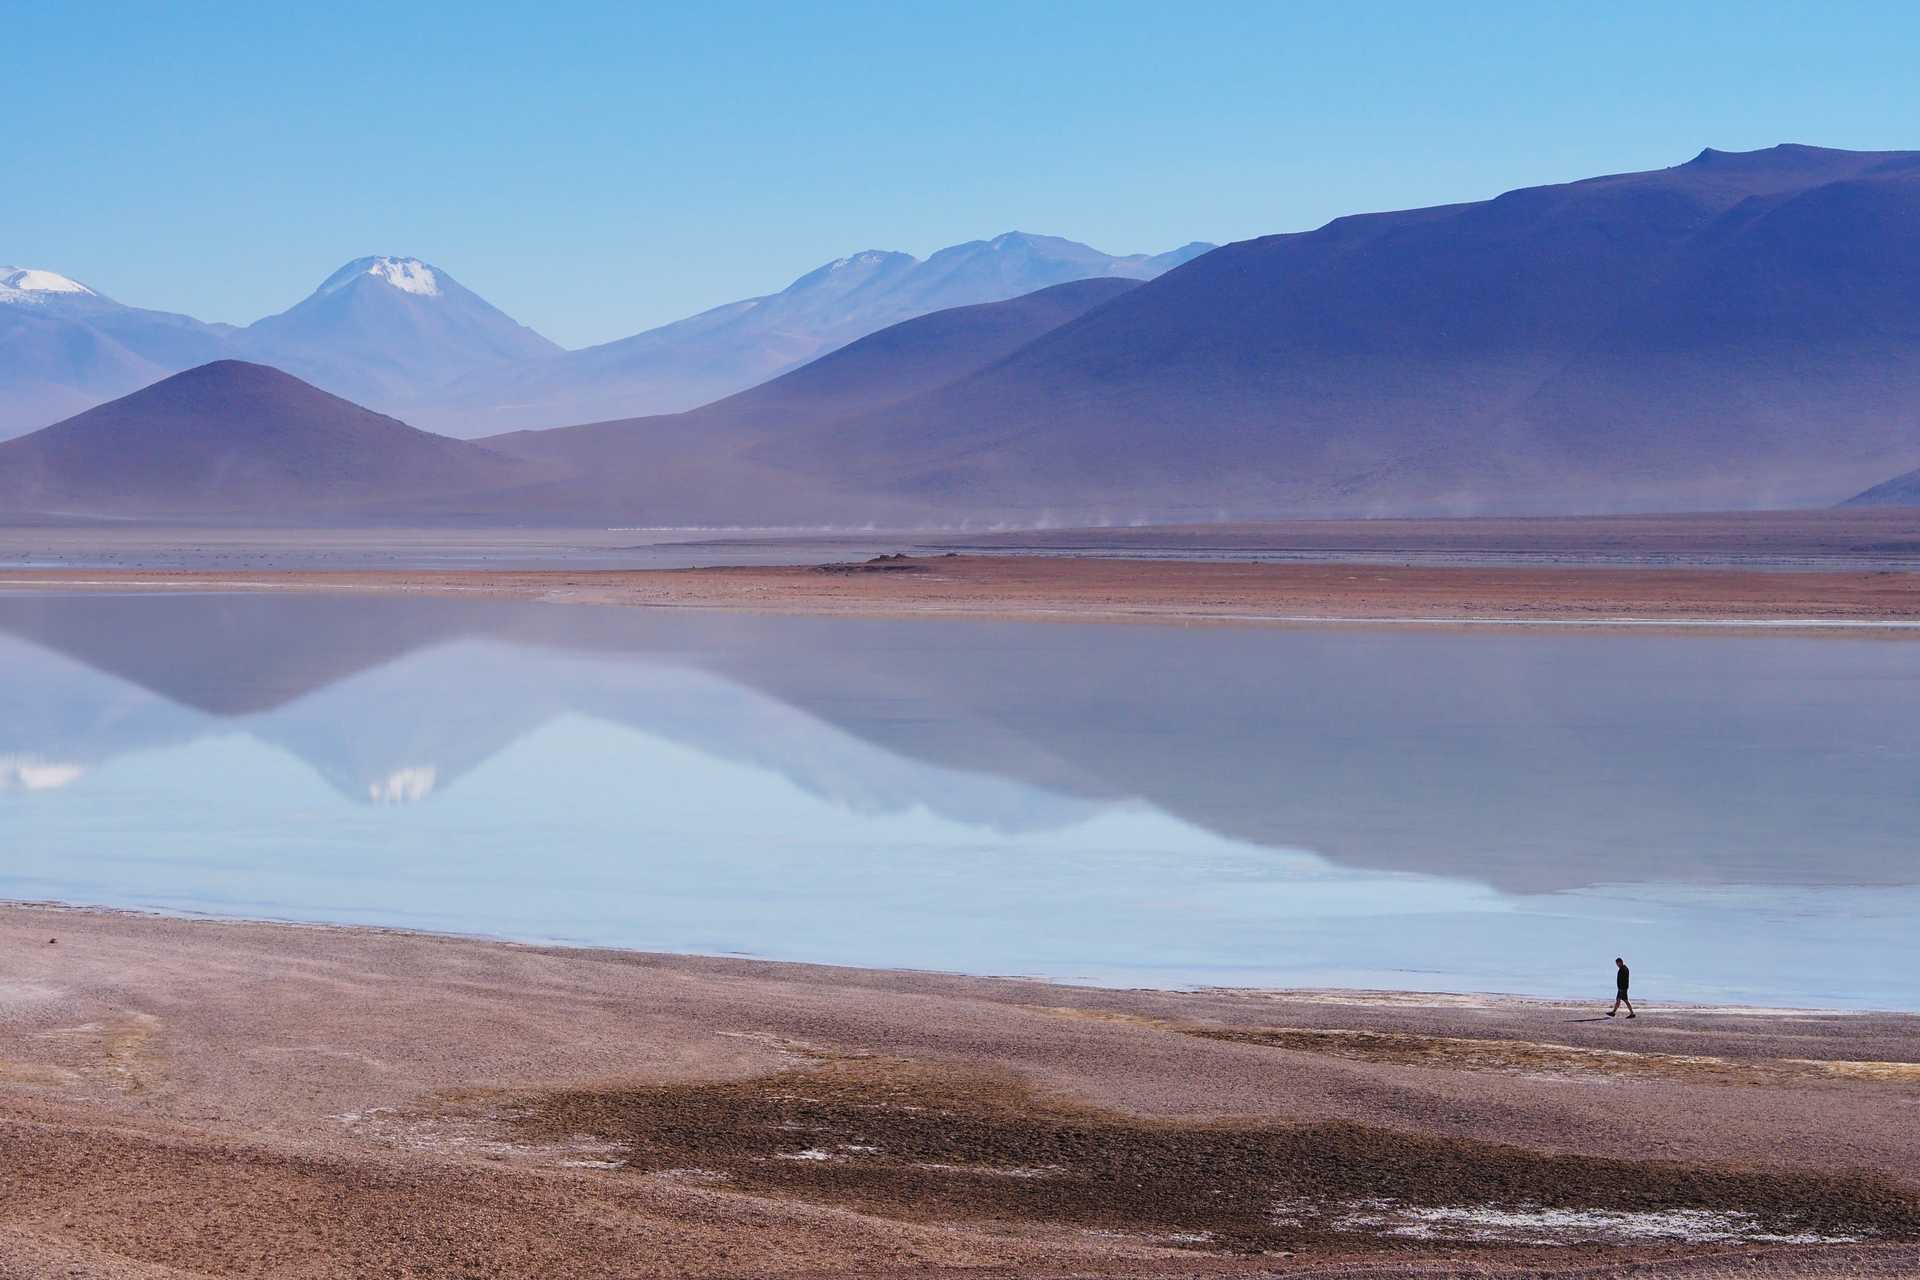 Randonneur au bord d'une lagune dans l'altiplano bolivien